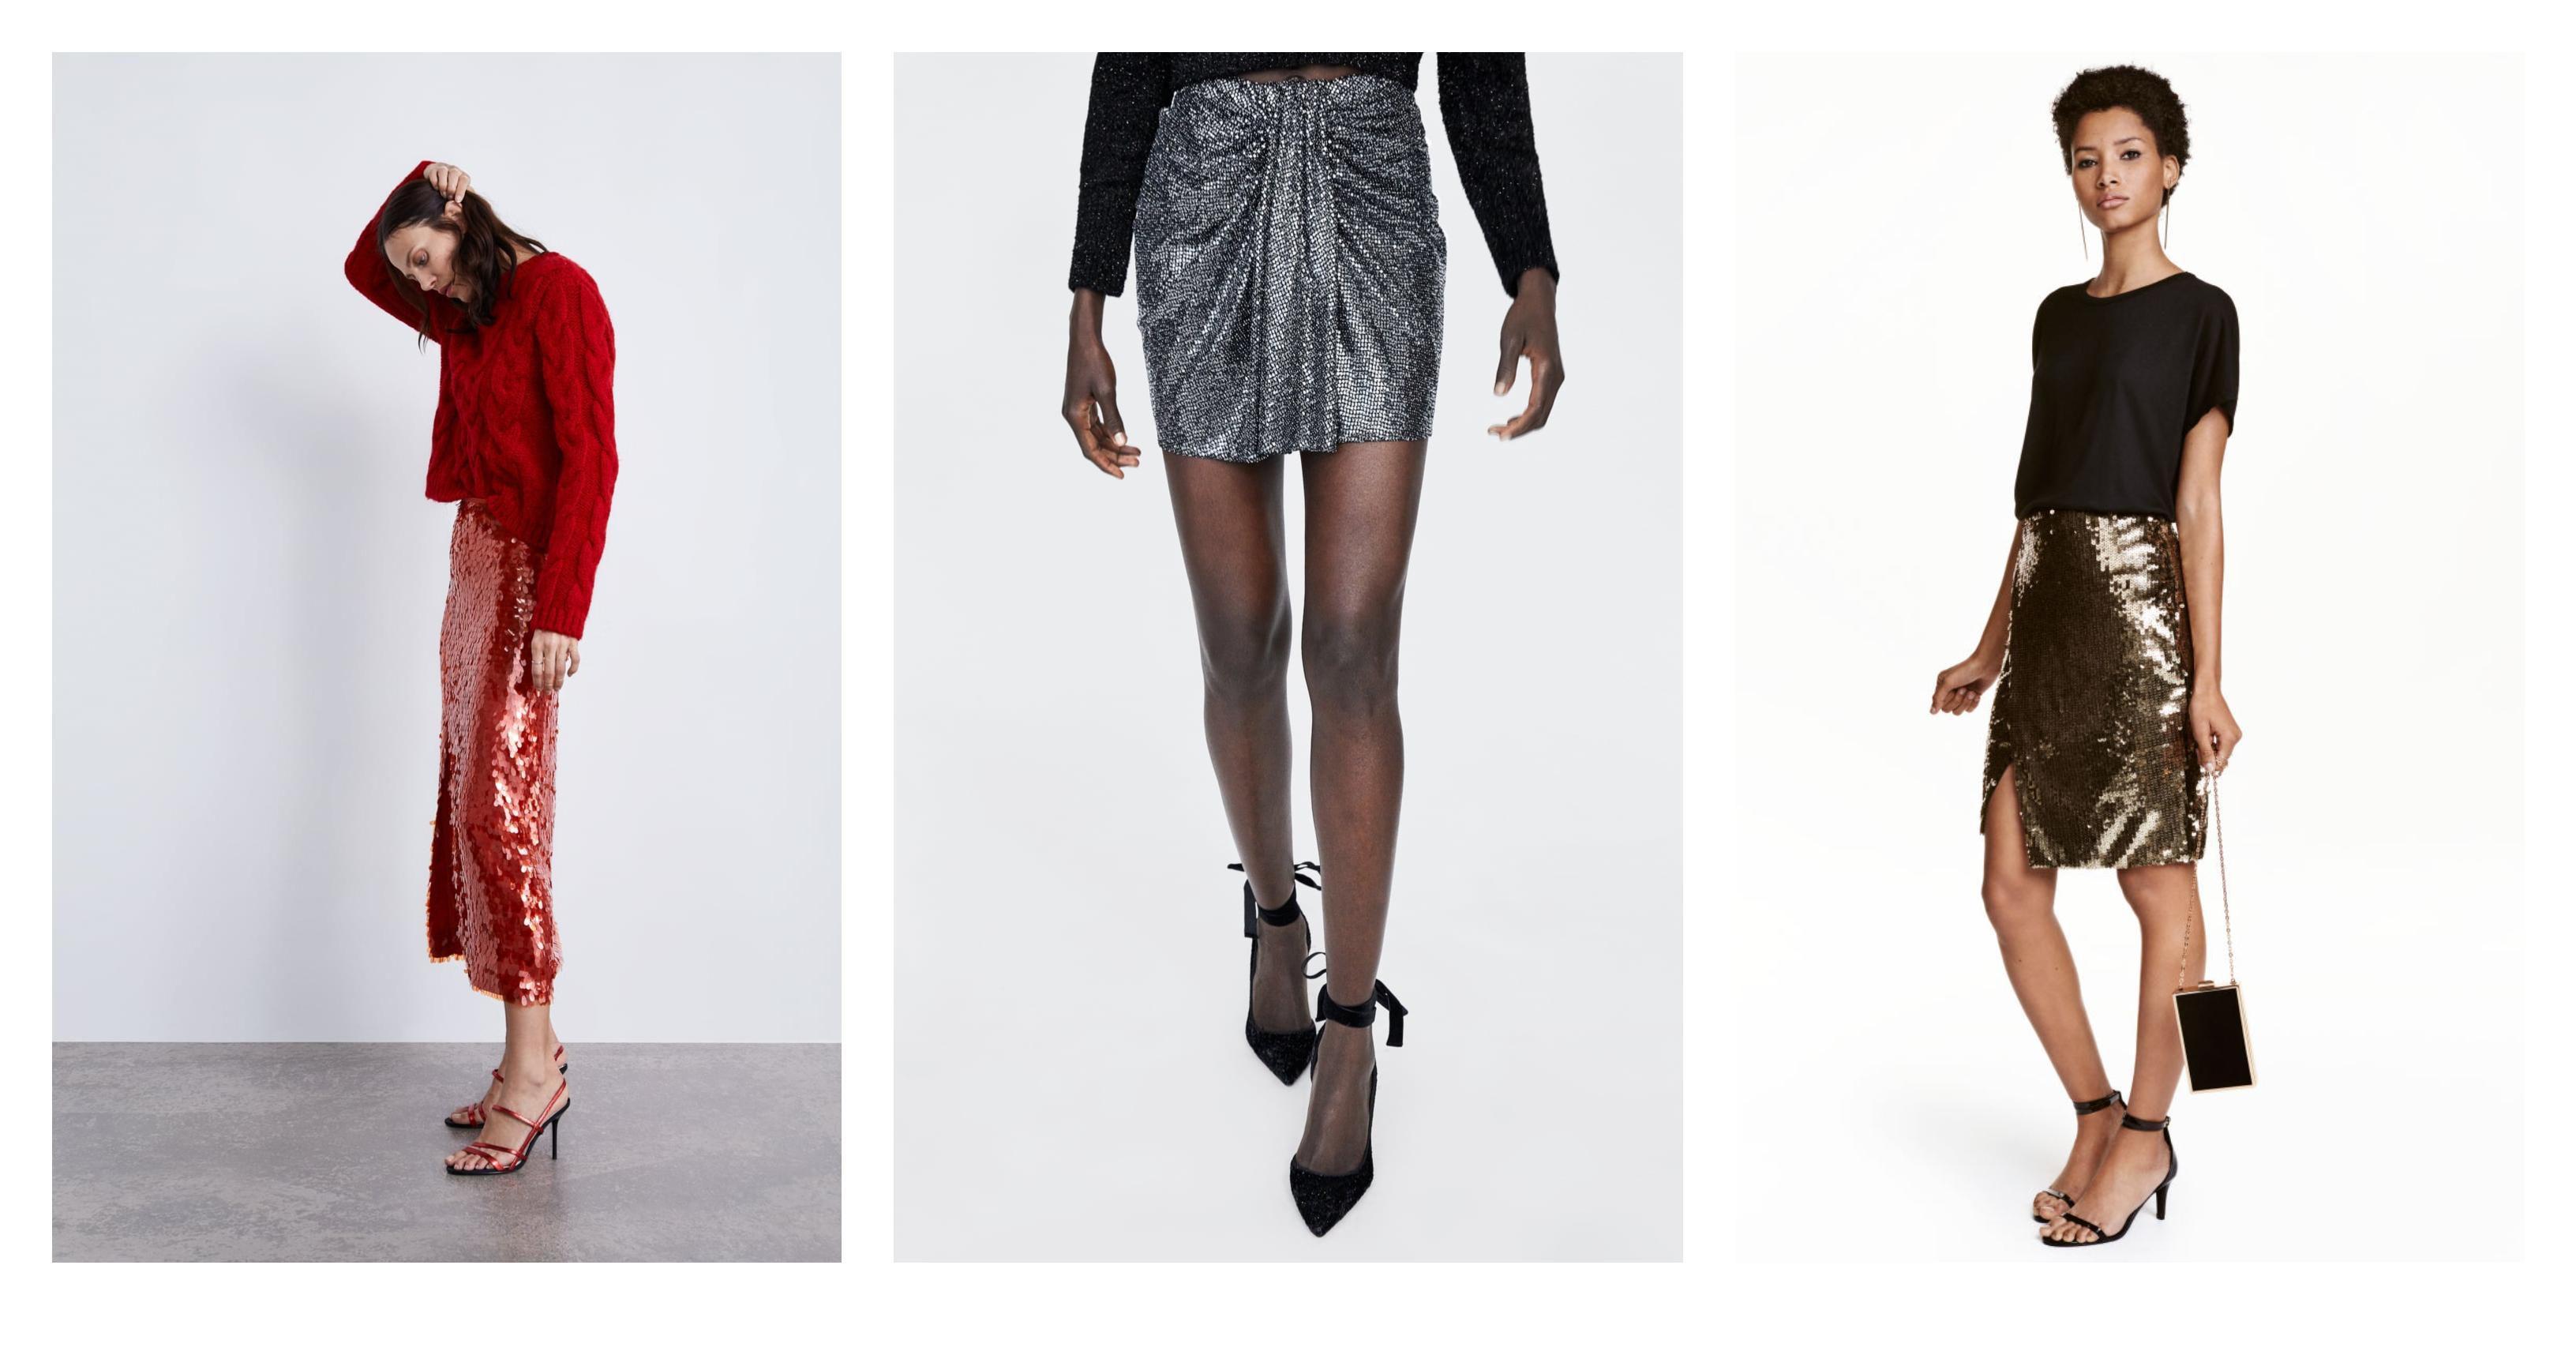 Ima li što bolje za predbožićno vrijeme od - šljokičastih suknji? Pa, naravno da ne!